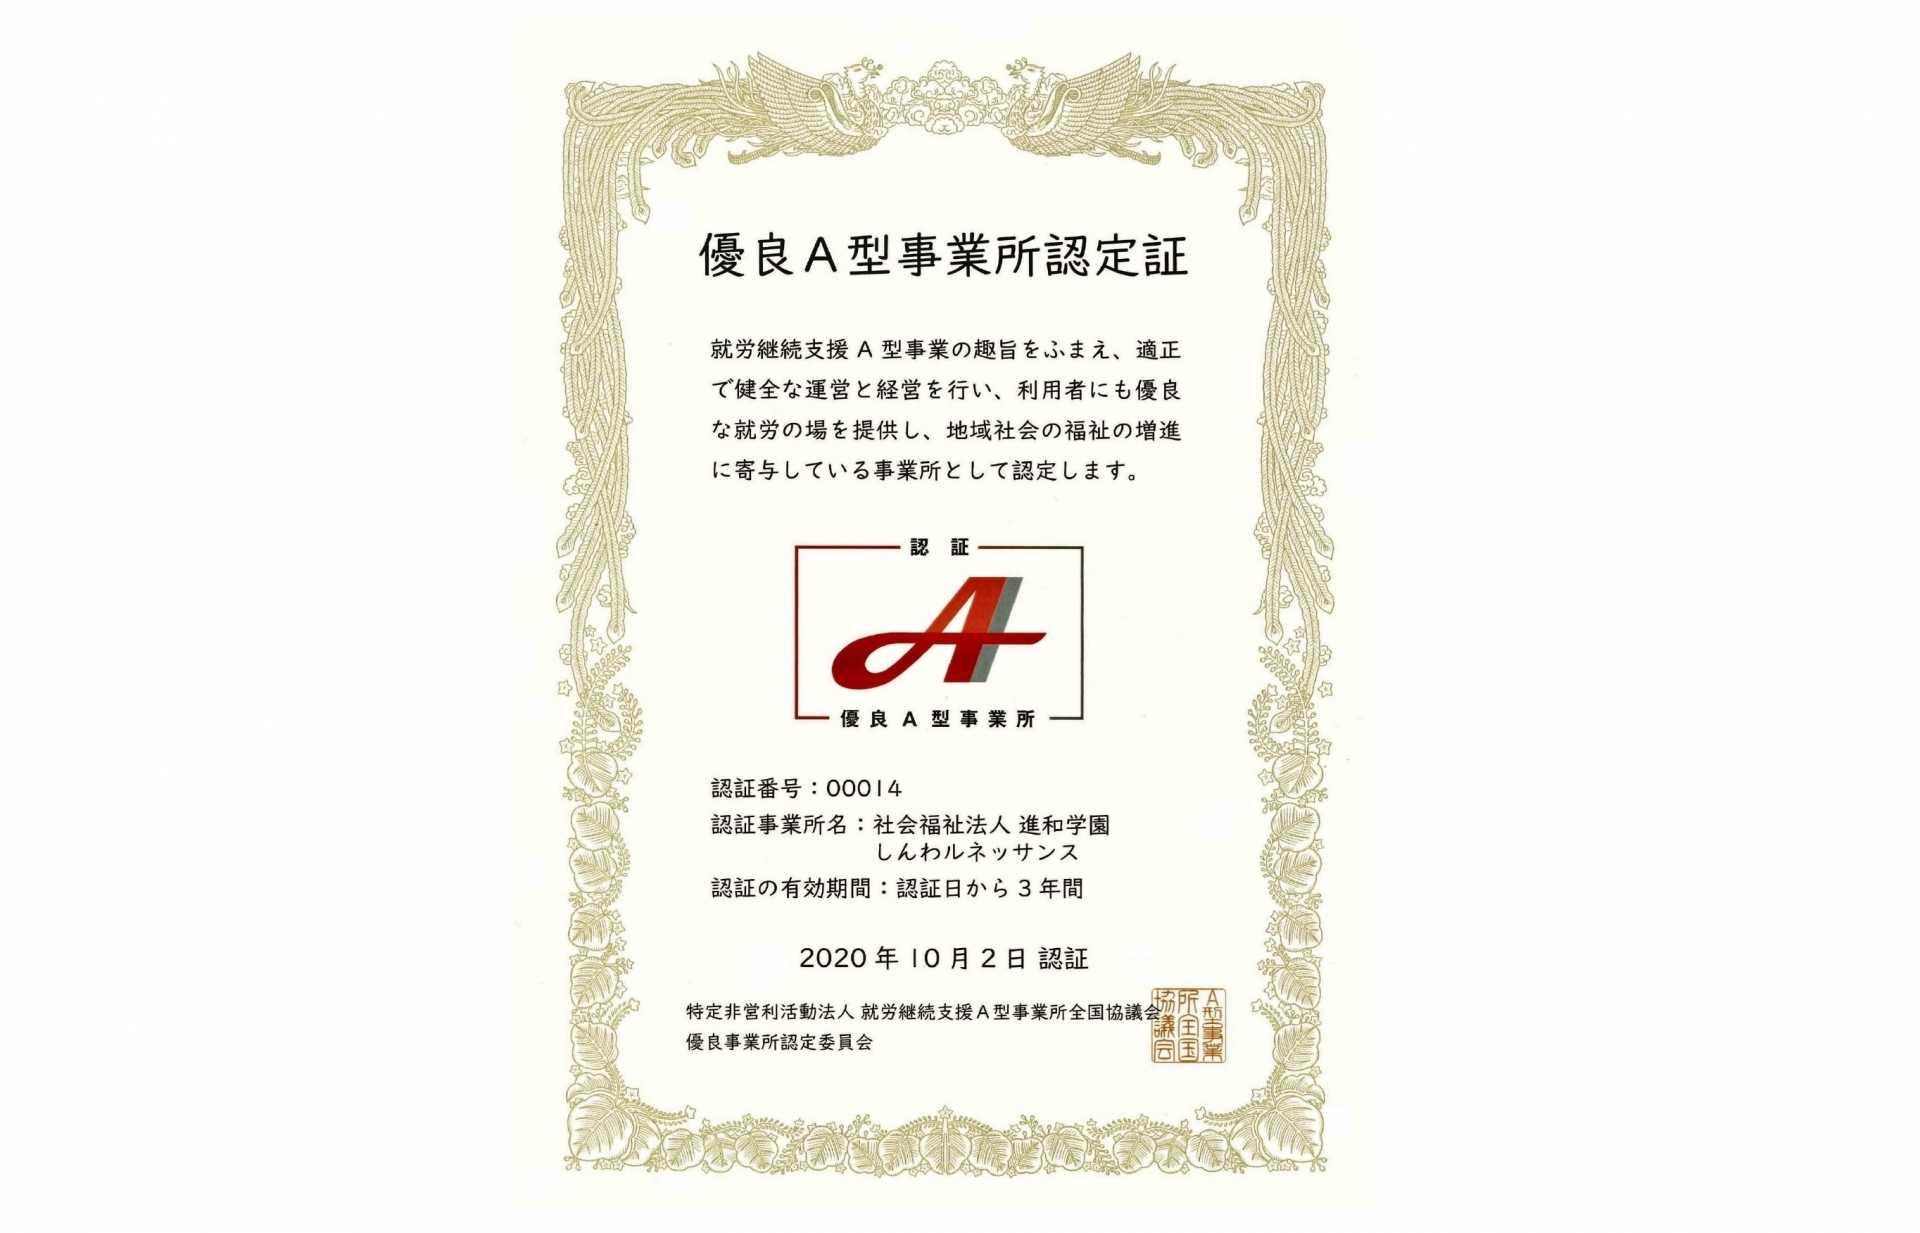 「しんわルネッサンス」優良A型事業所に認定!